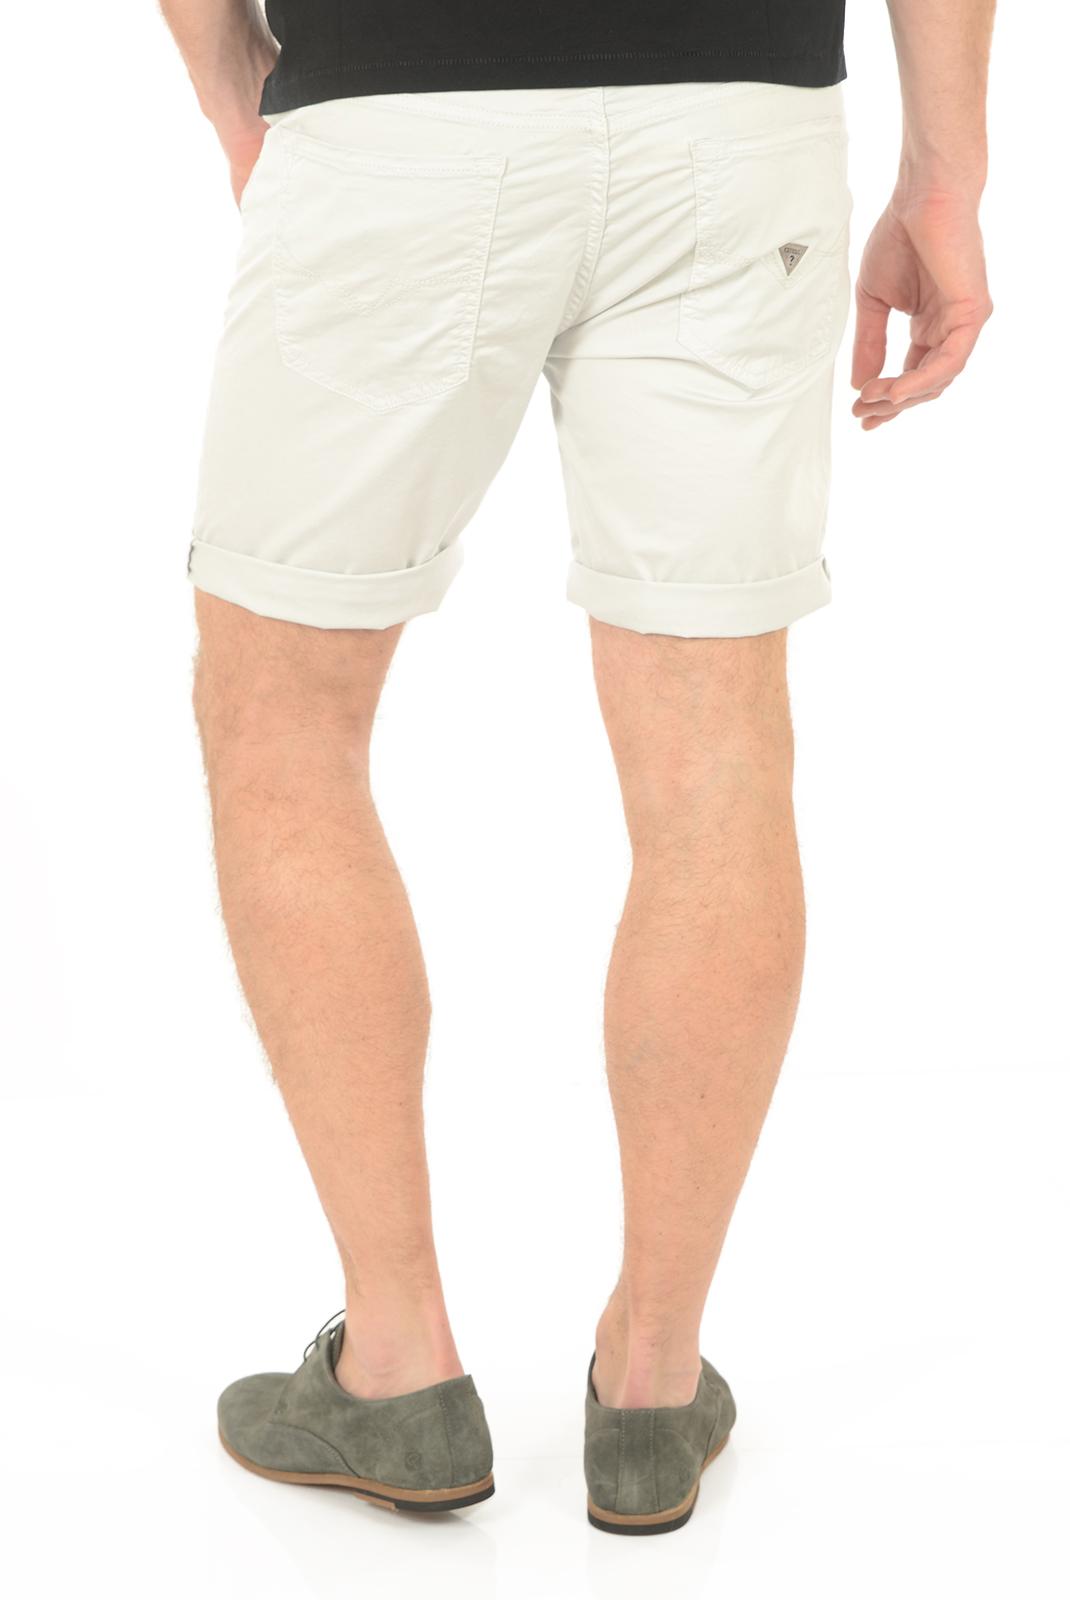 Shorts & Bermudas  Guess jeans M72D00 W8B72 B931 CREAM